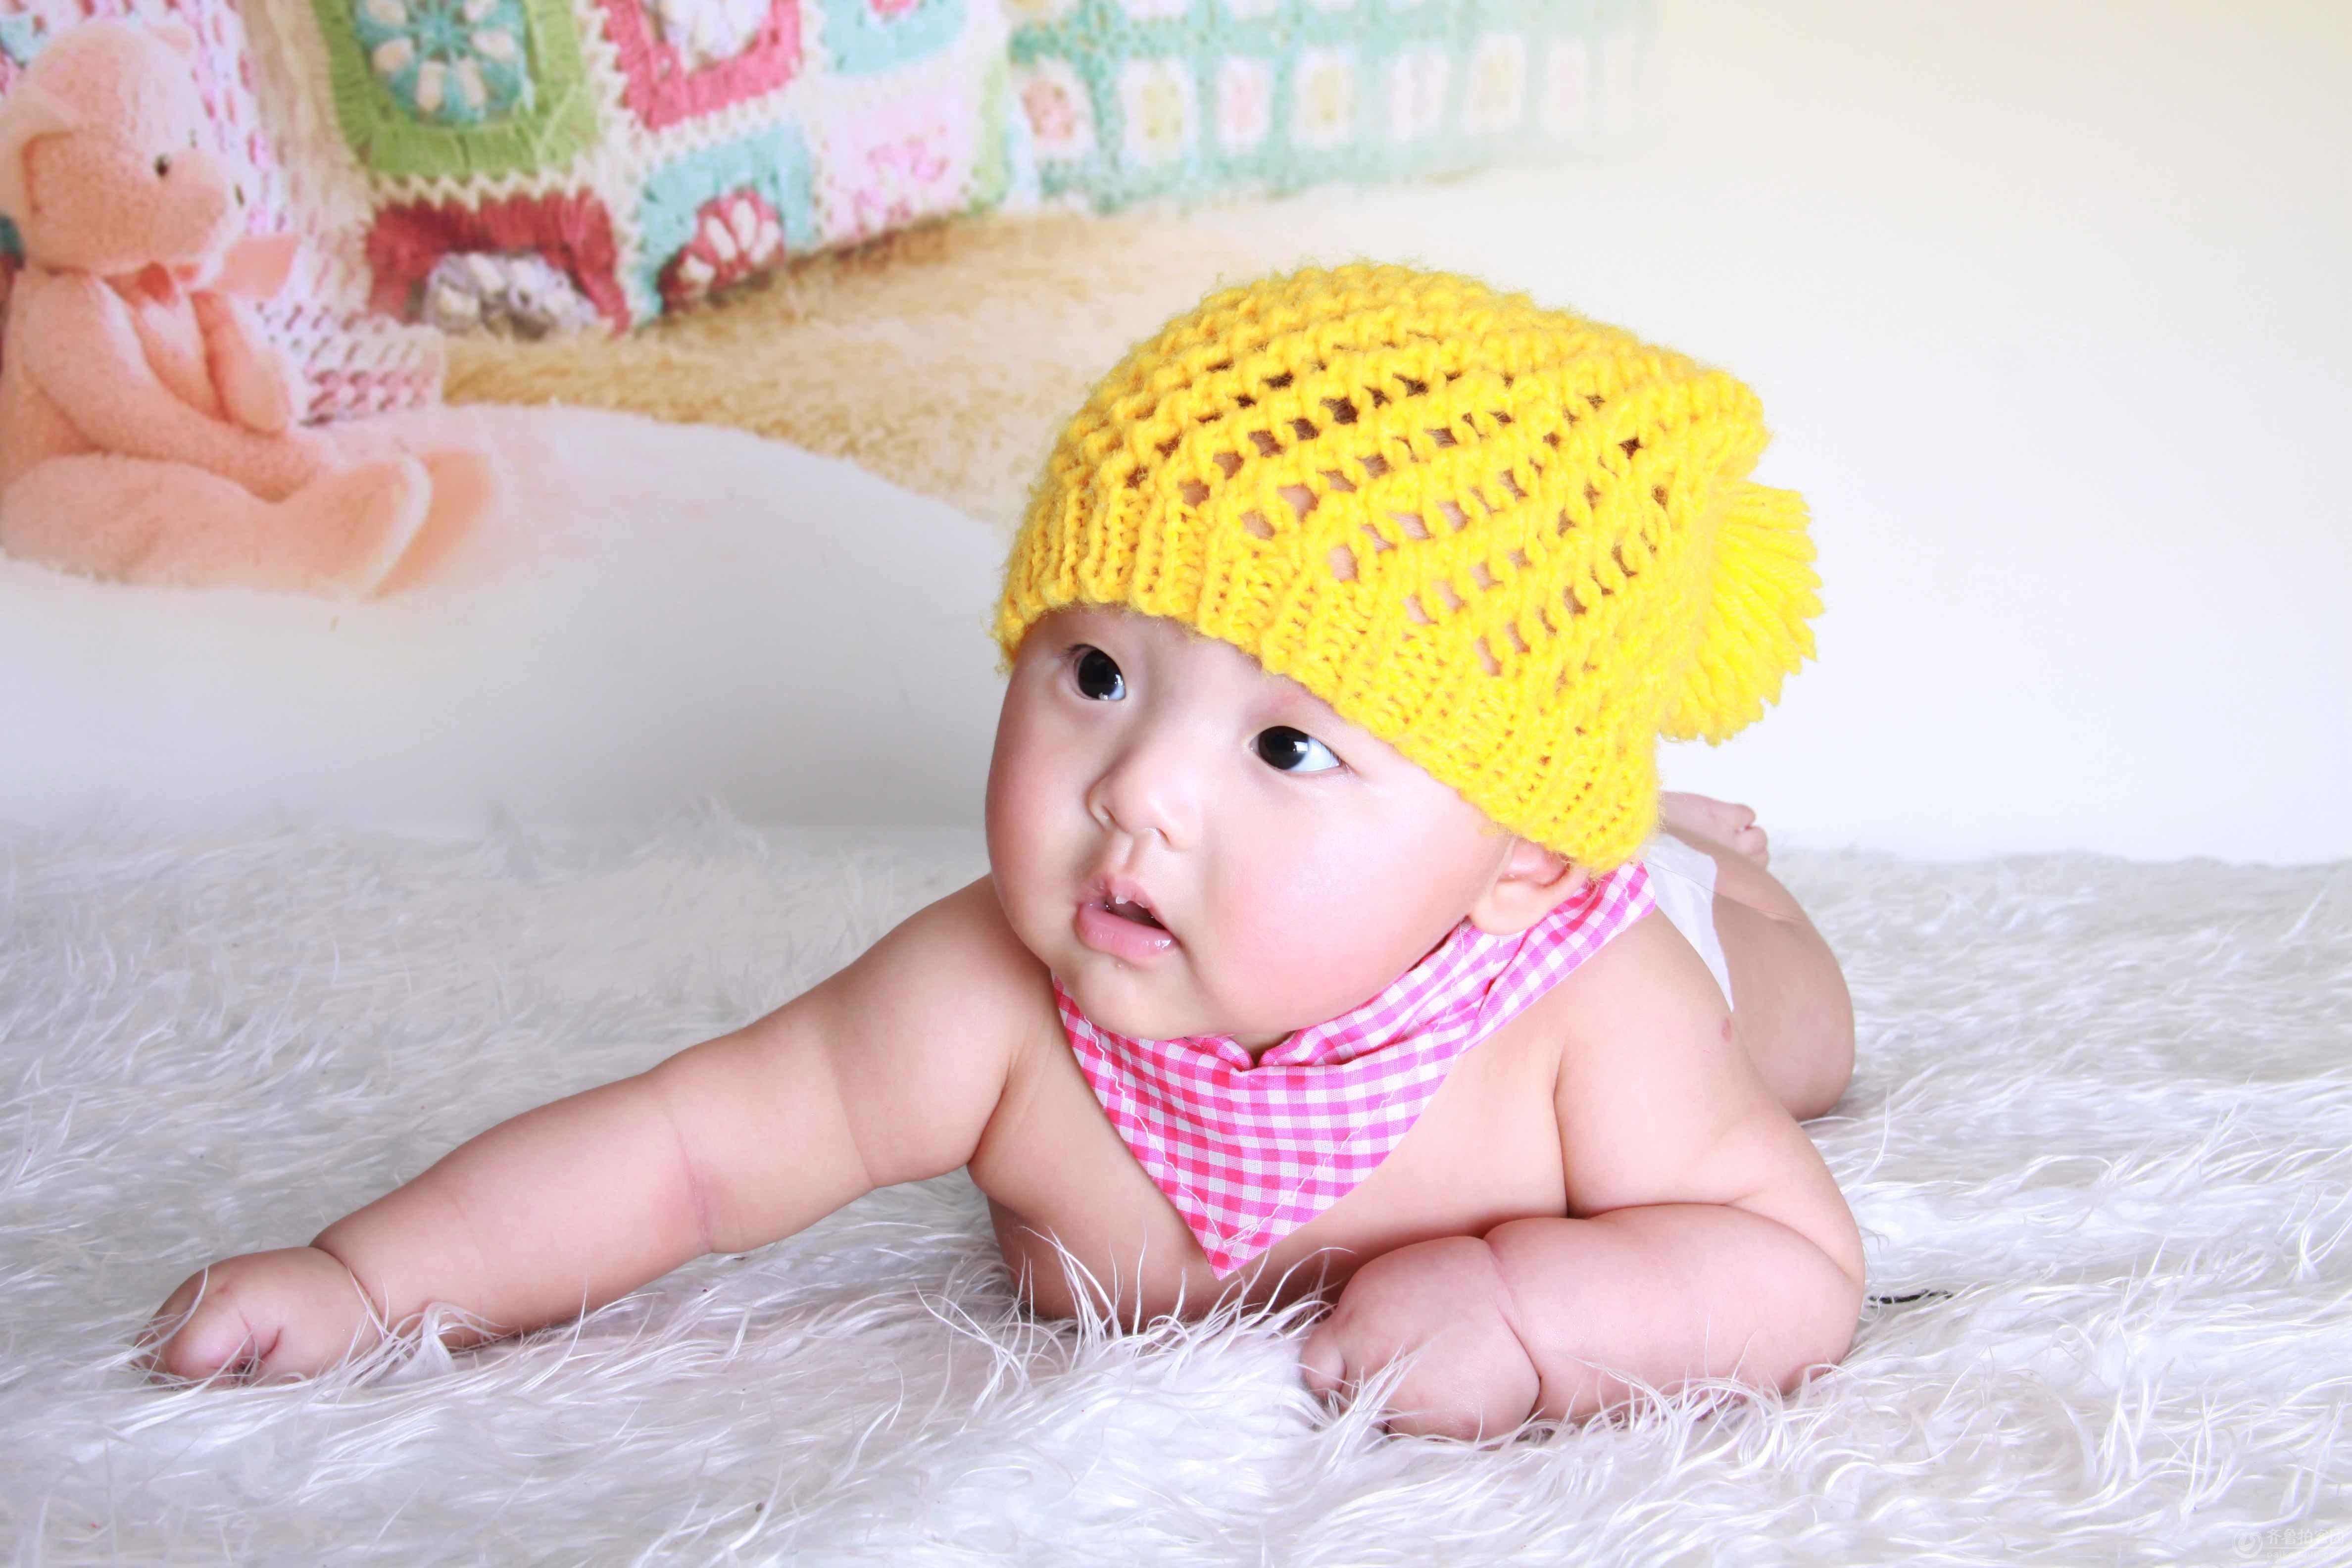 婴儿墙纸图片大全可爱